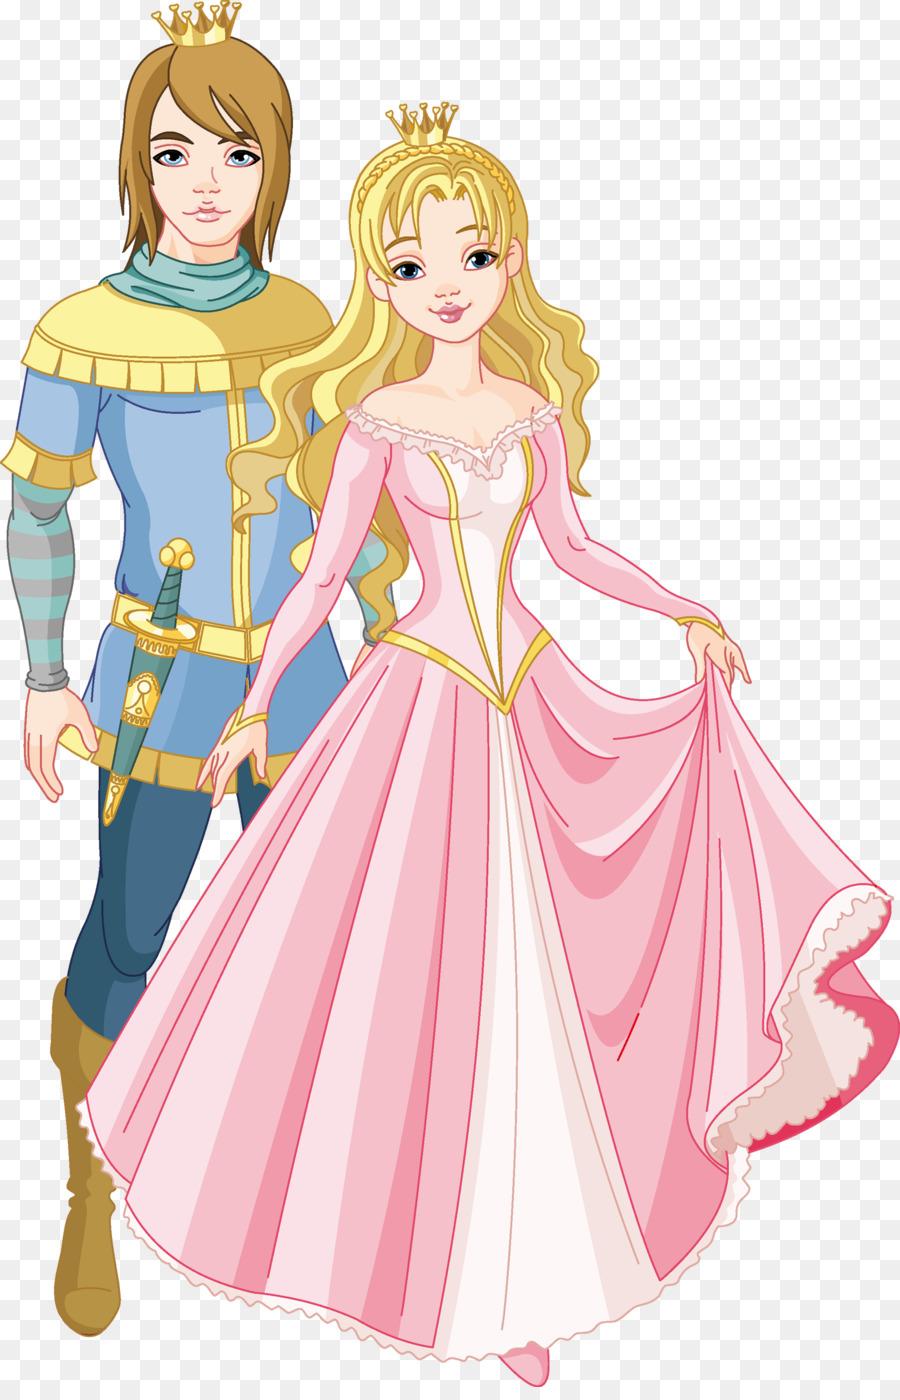 Rapunzel Princesa De Disney De Dibujos Animados - el príncipe png ...